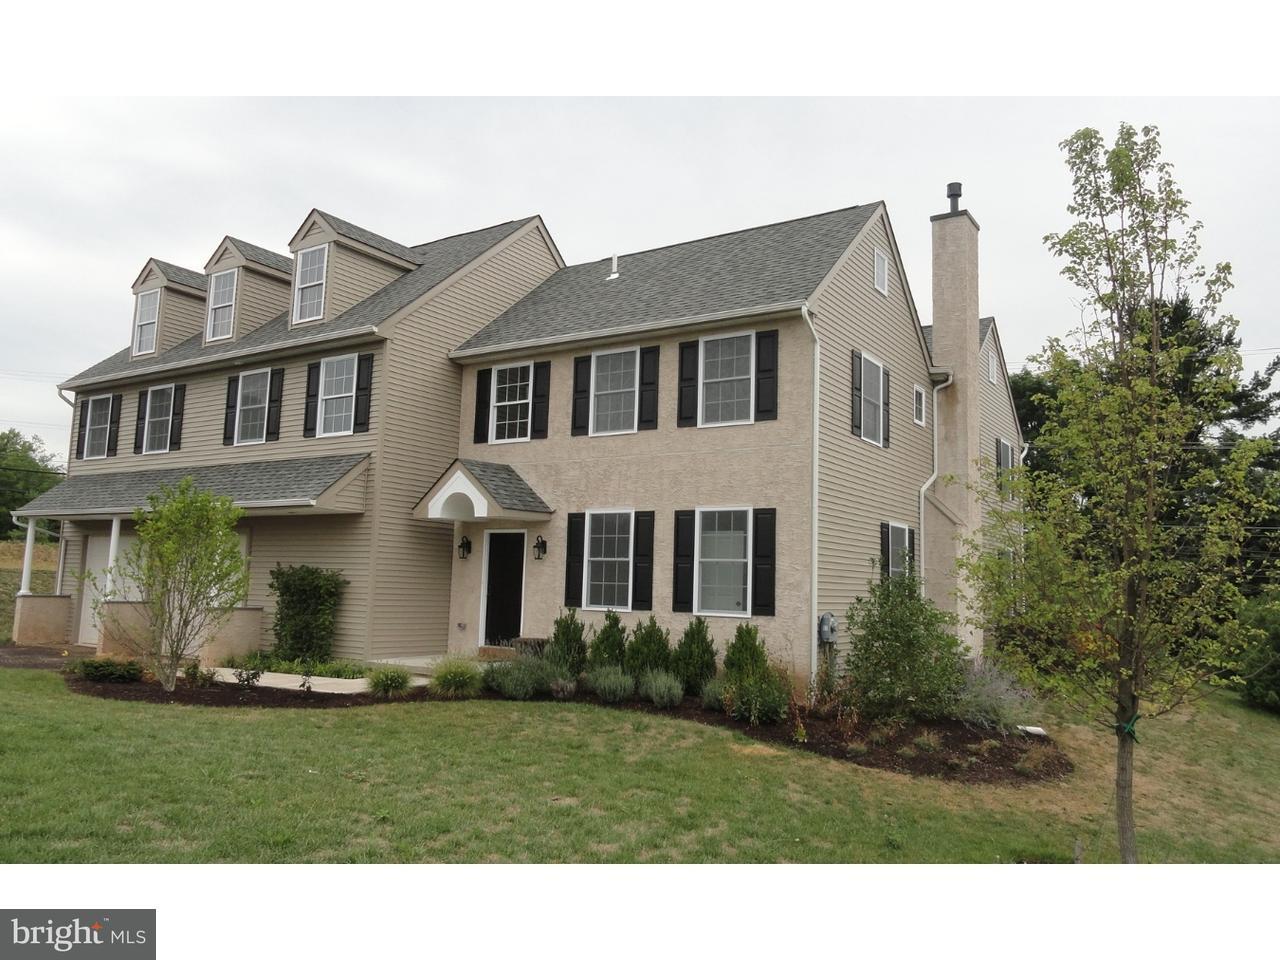 Частный односемейный дом для того Аренда на 4223 FERGUSON Drive Doylestown, Пенсильвания 18901 Соединенные Штаты